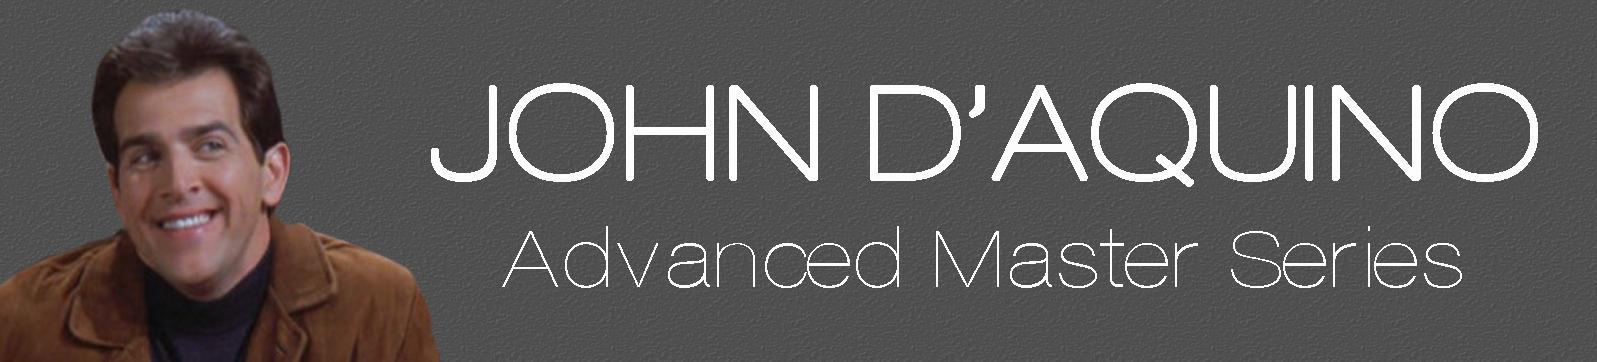 Advanced Master Series - John D'Aquino